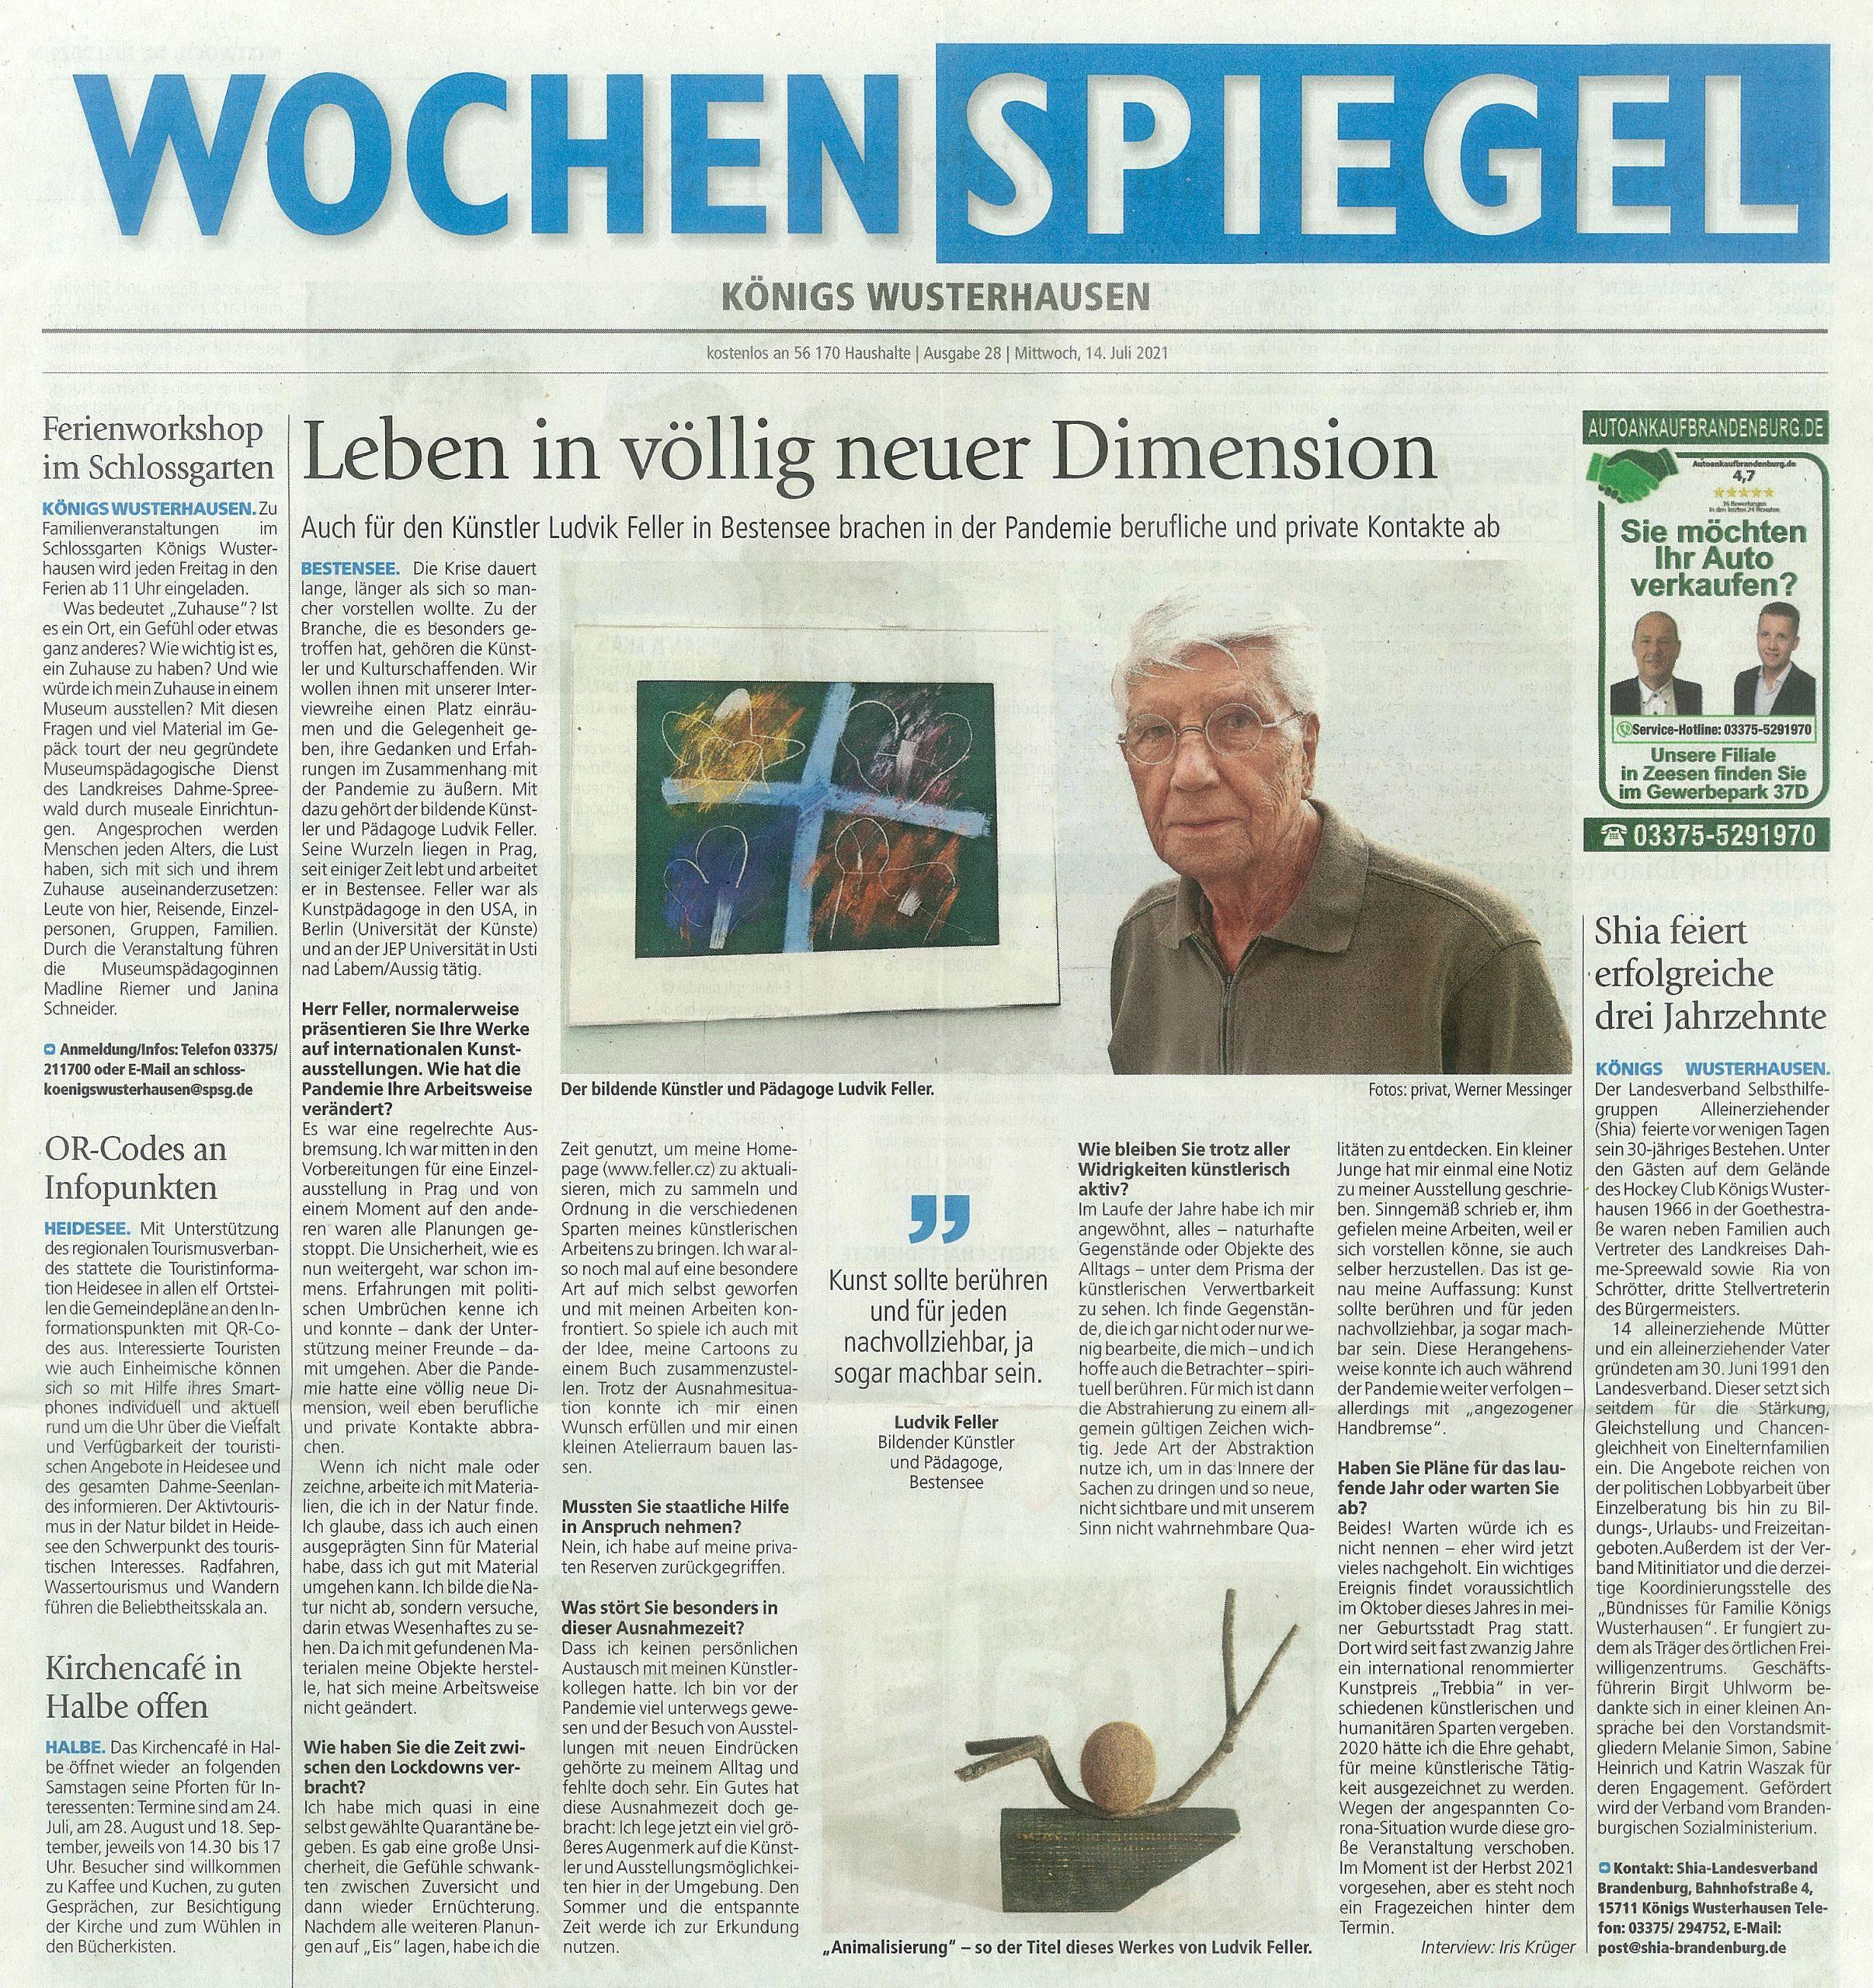 Wochenspiegel 09/2021